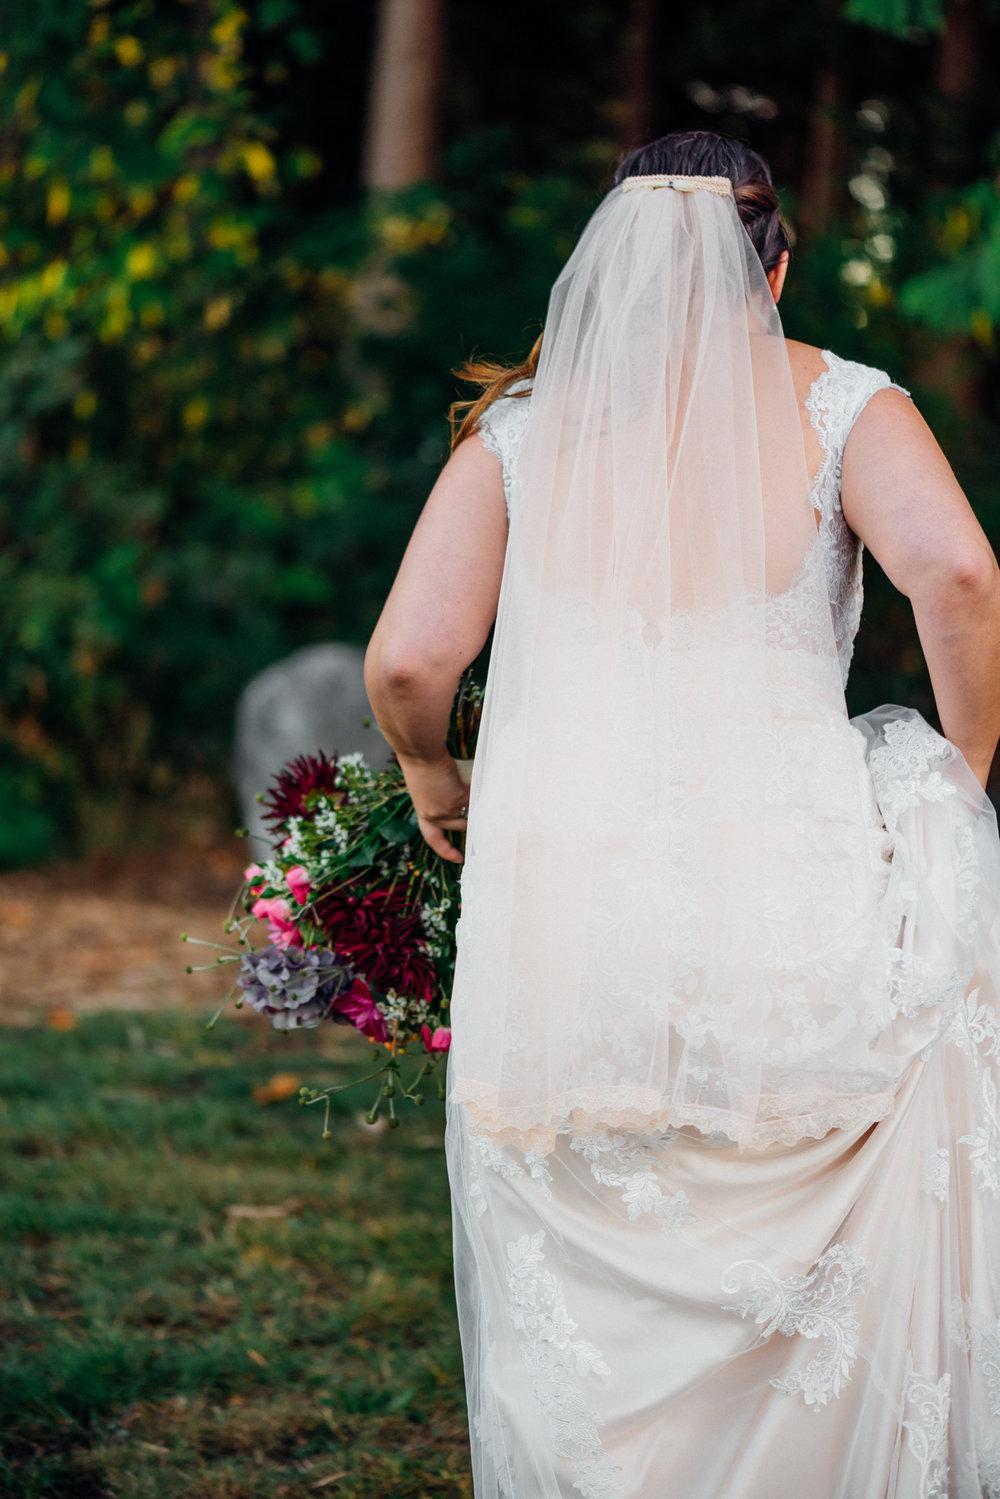 Nicola_Reiersen_Photography_Sea_Cider_Forest_Wedding (104).jpg